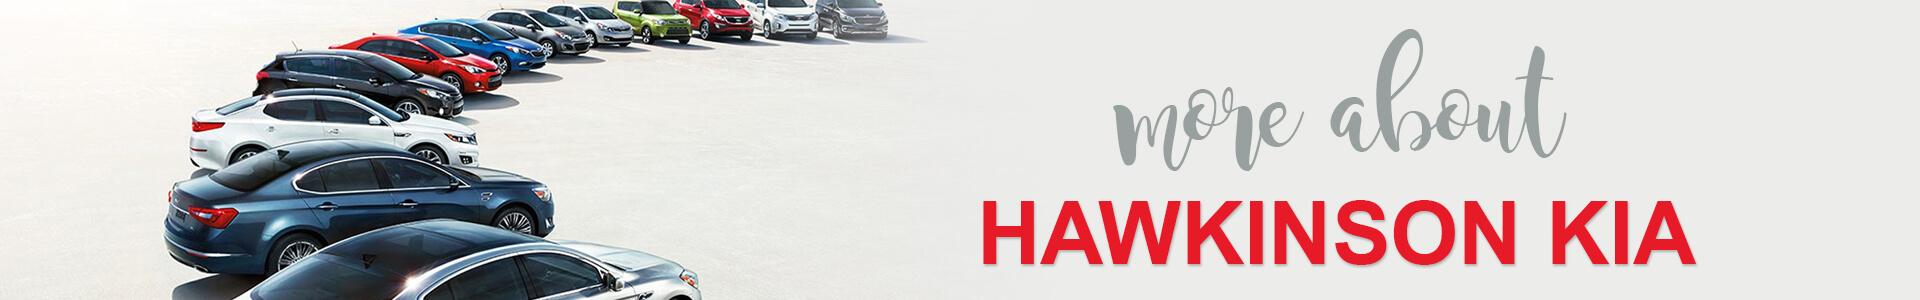 Hawkinson kia coupons